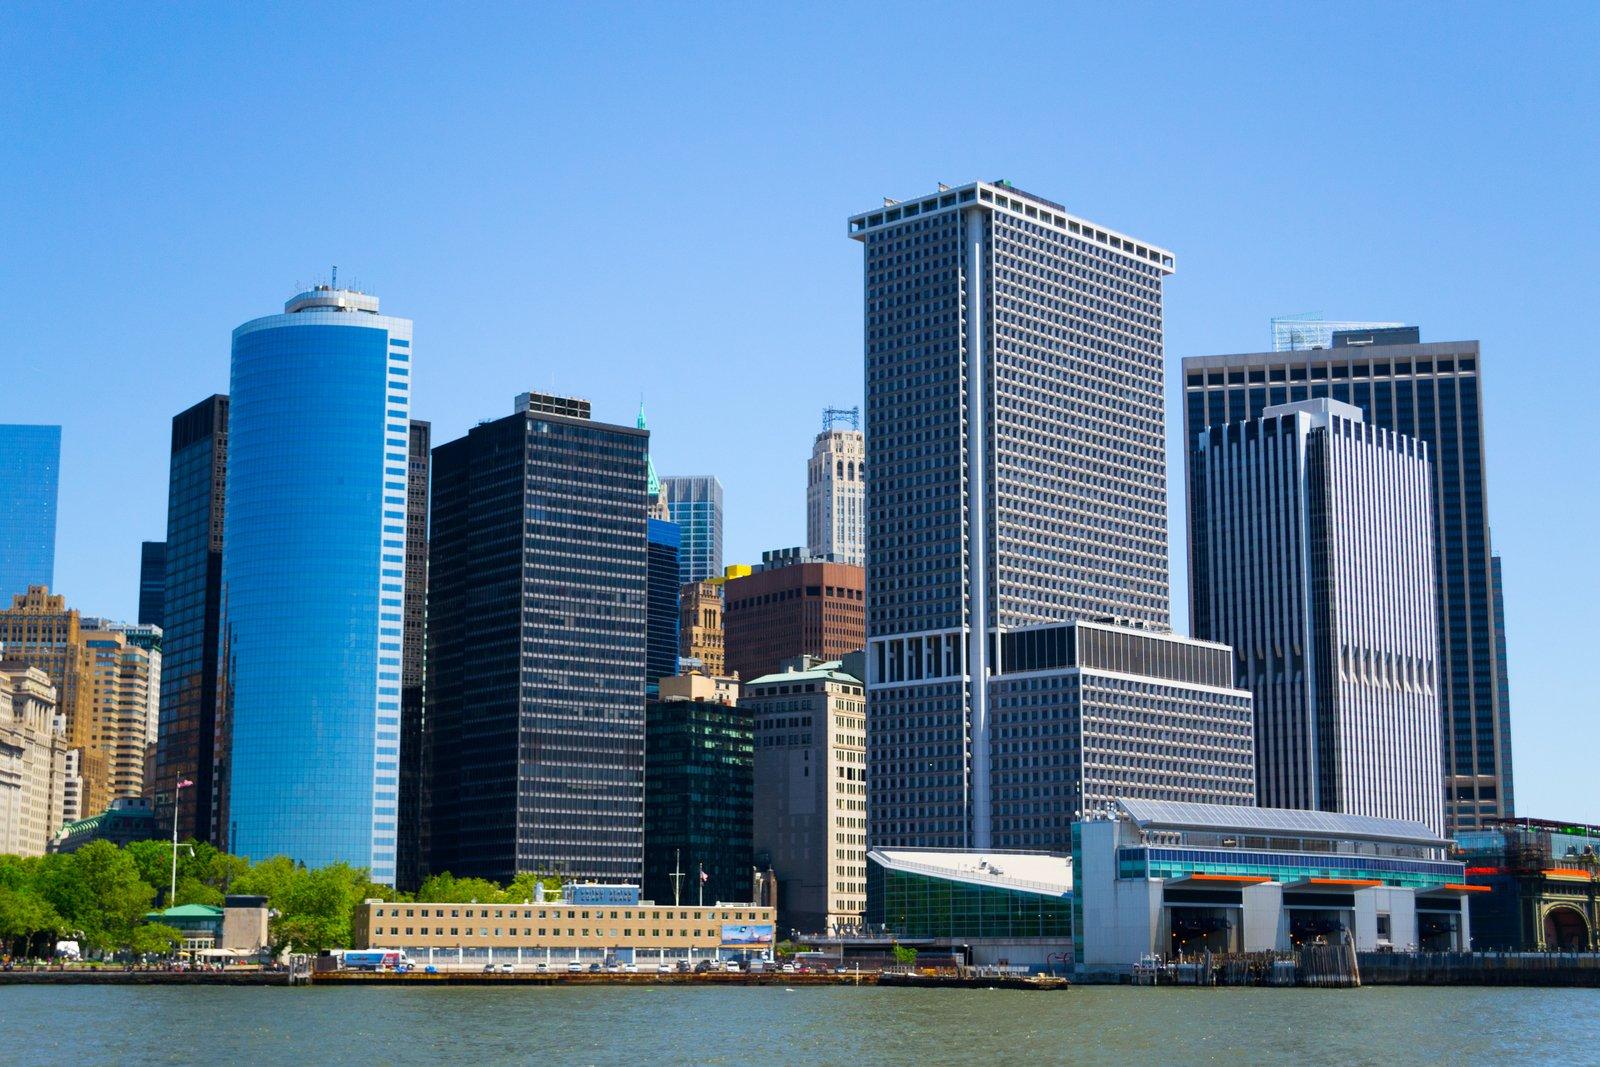 Huguenot Staten Island, NY Private Investigator